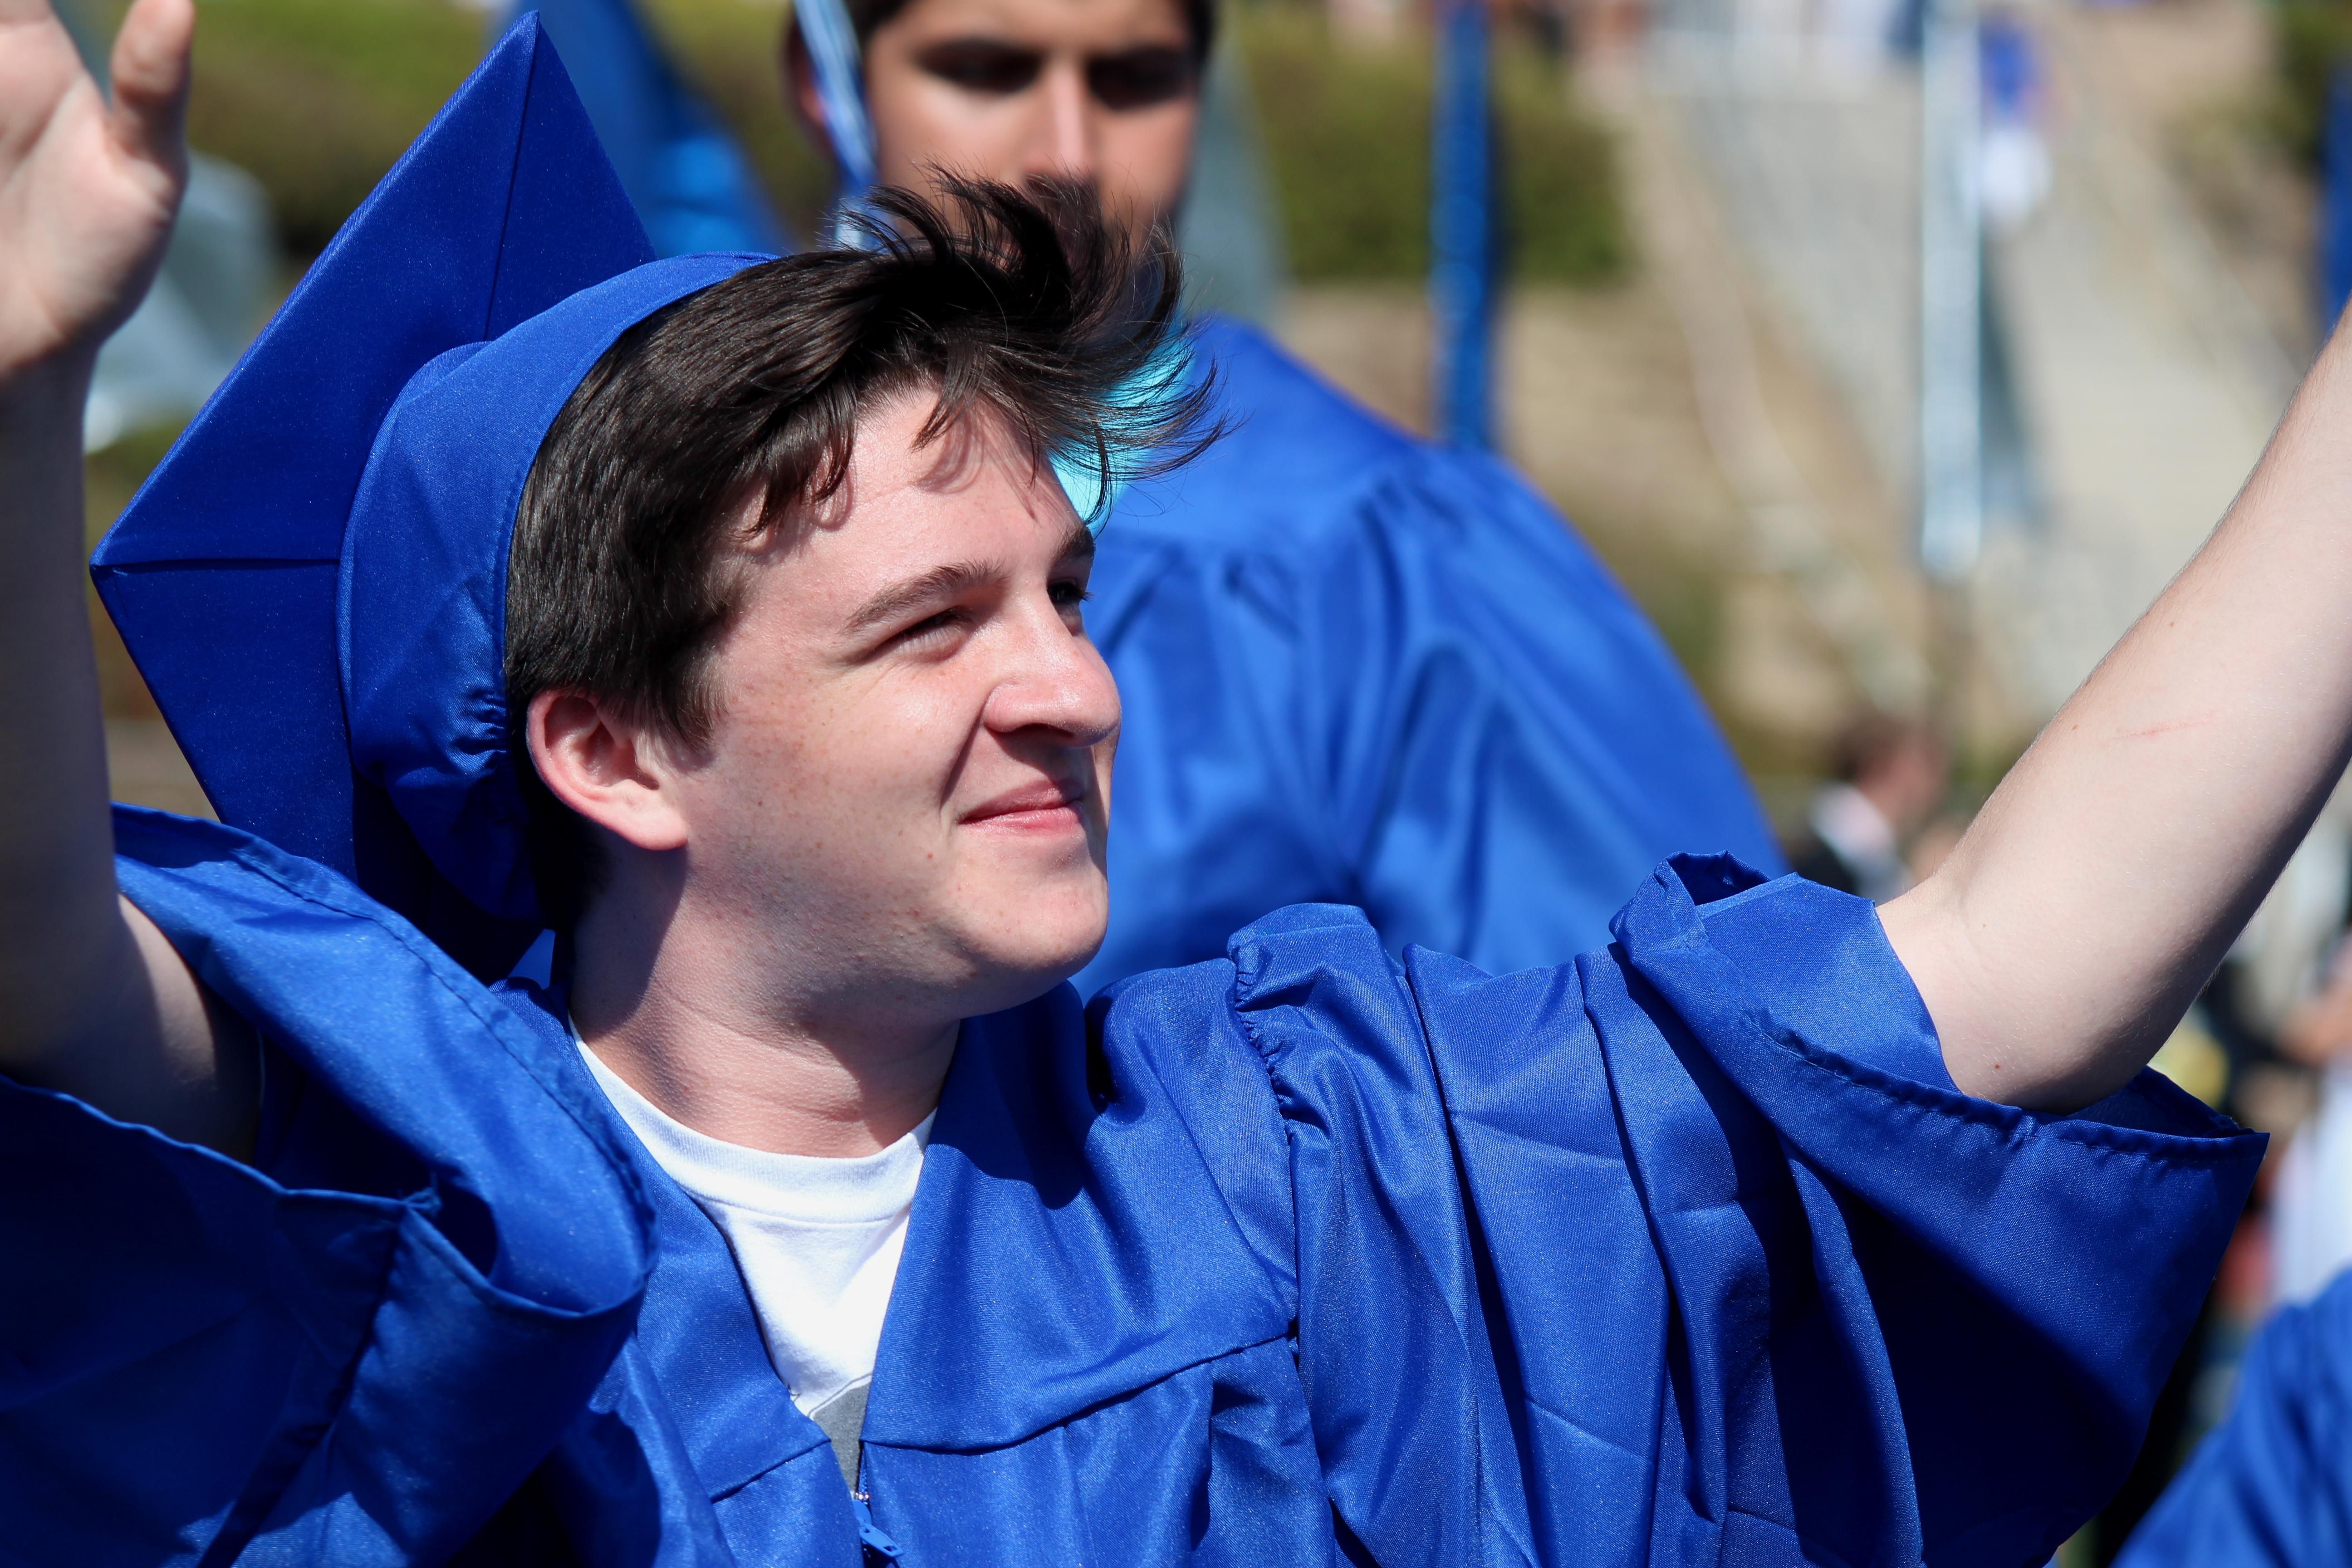 Graduates Enter Stadium